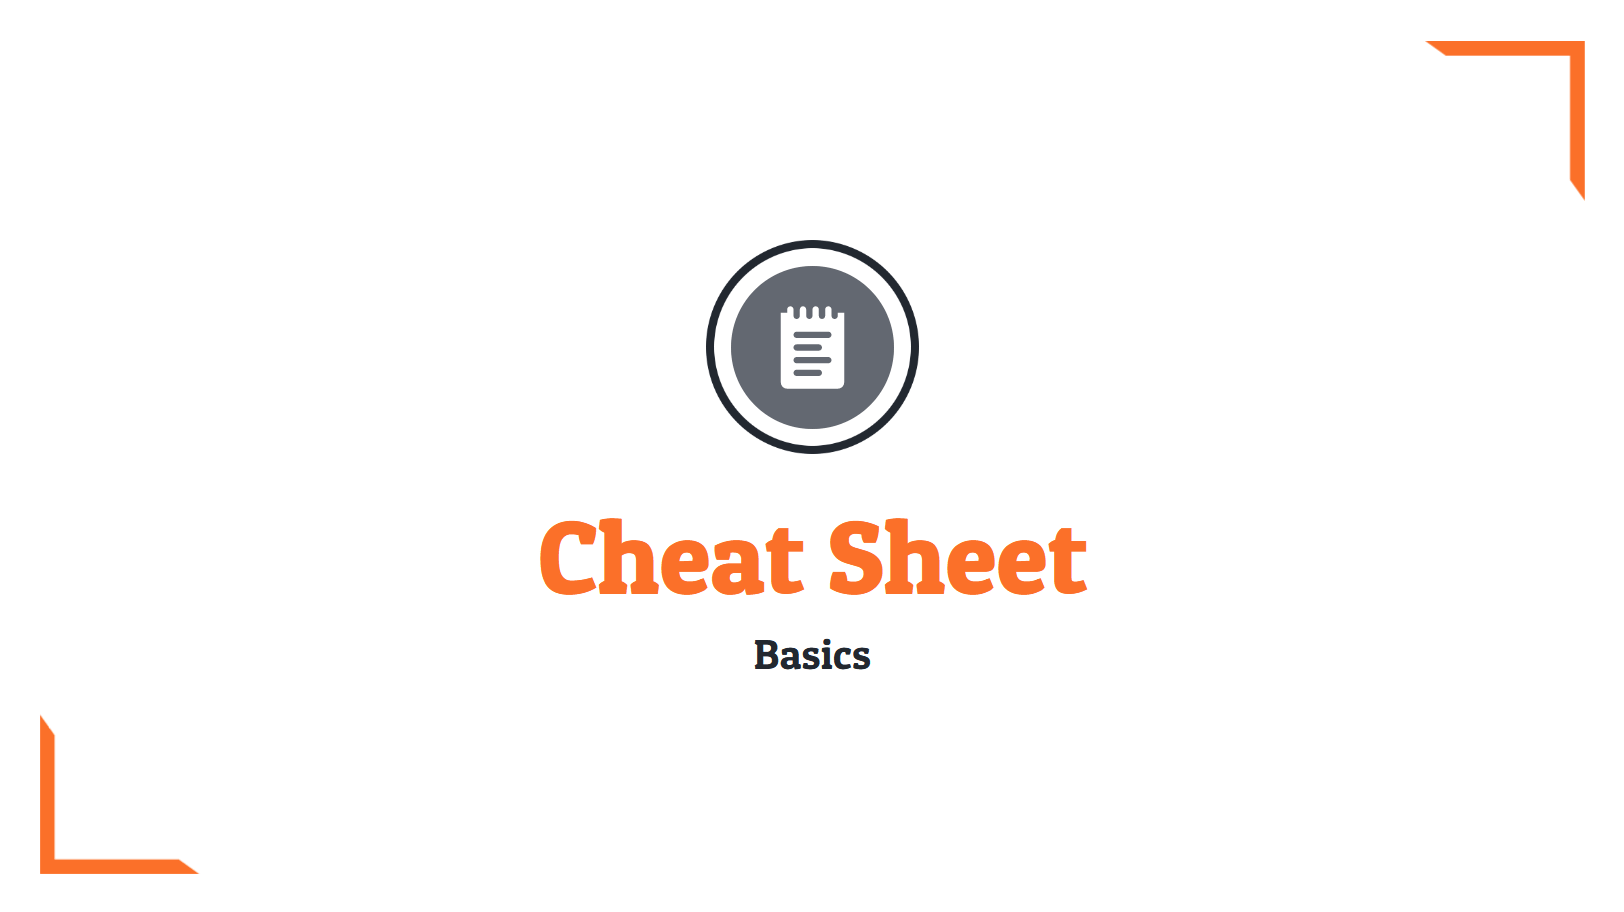 Cheat Sheet Template